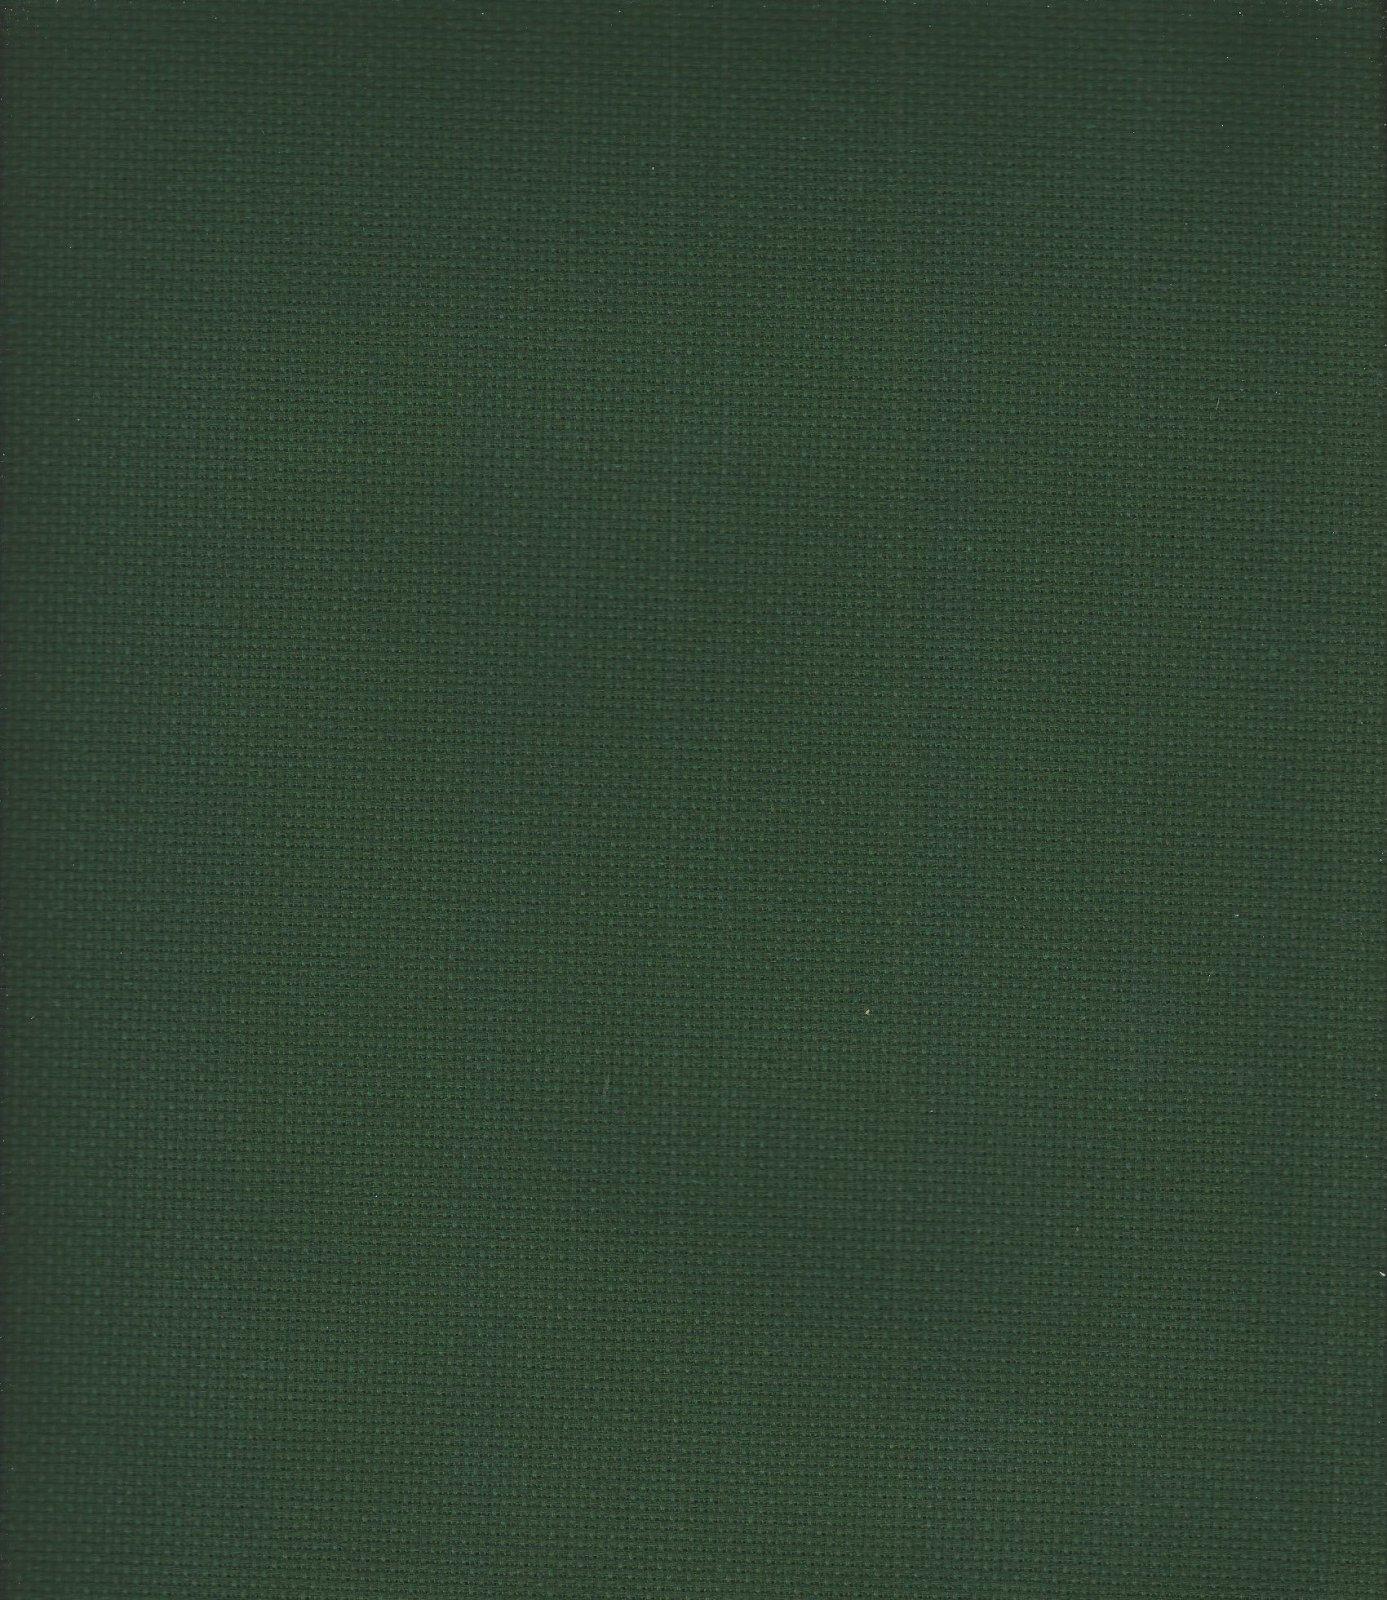 Aida 16ct Dark Green (discontinued color)